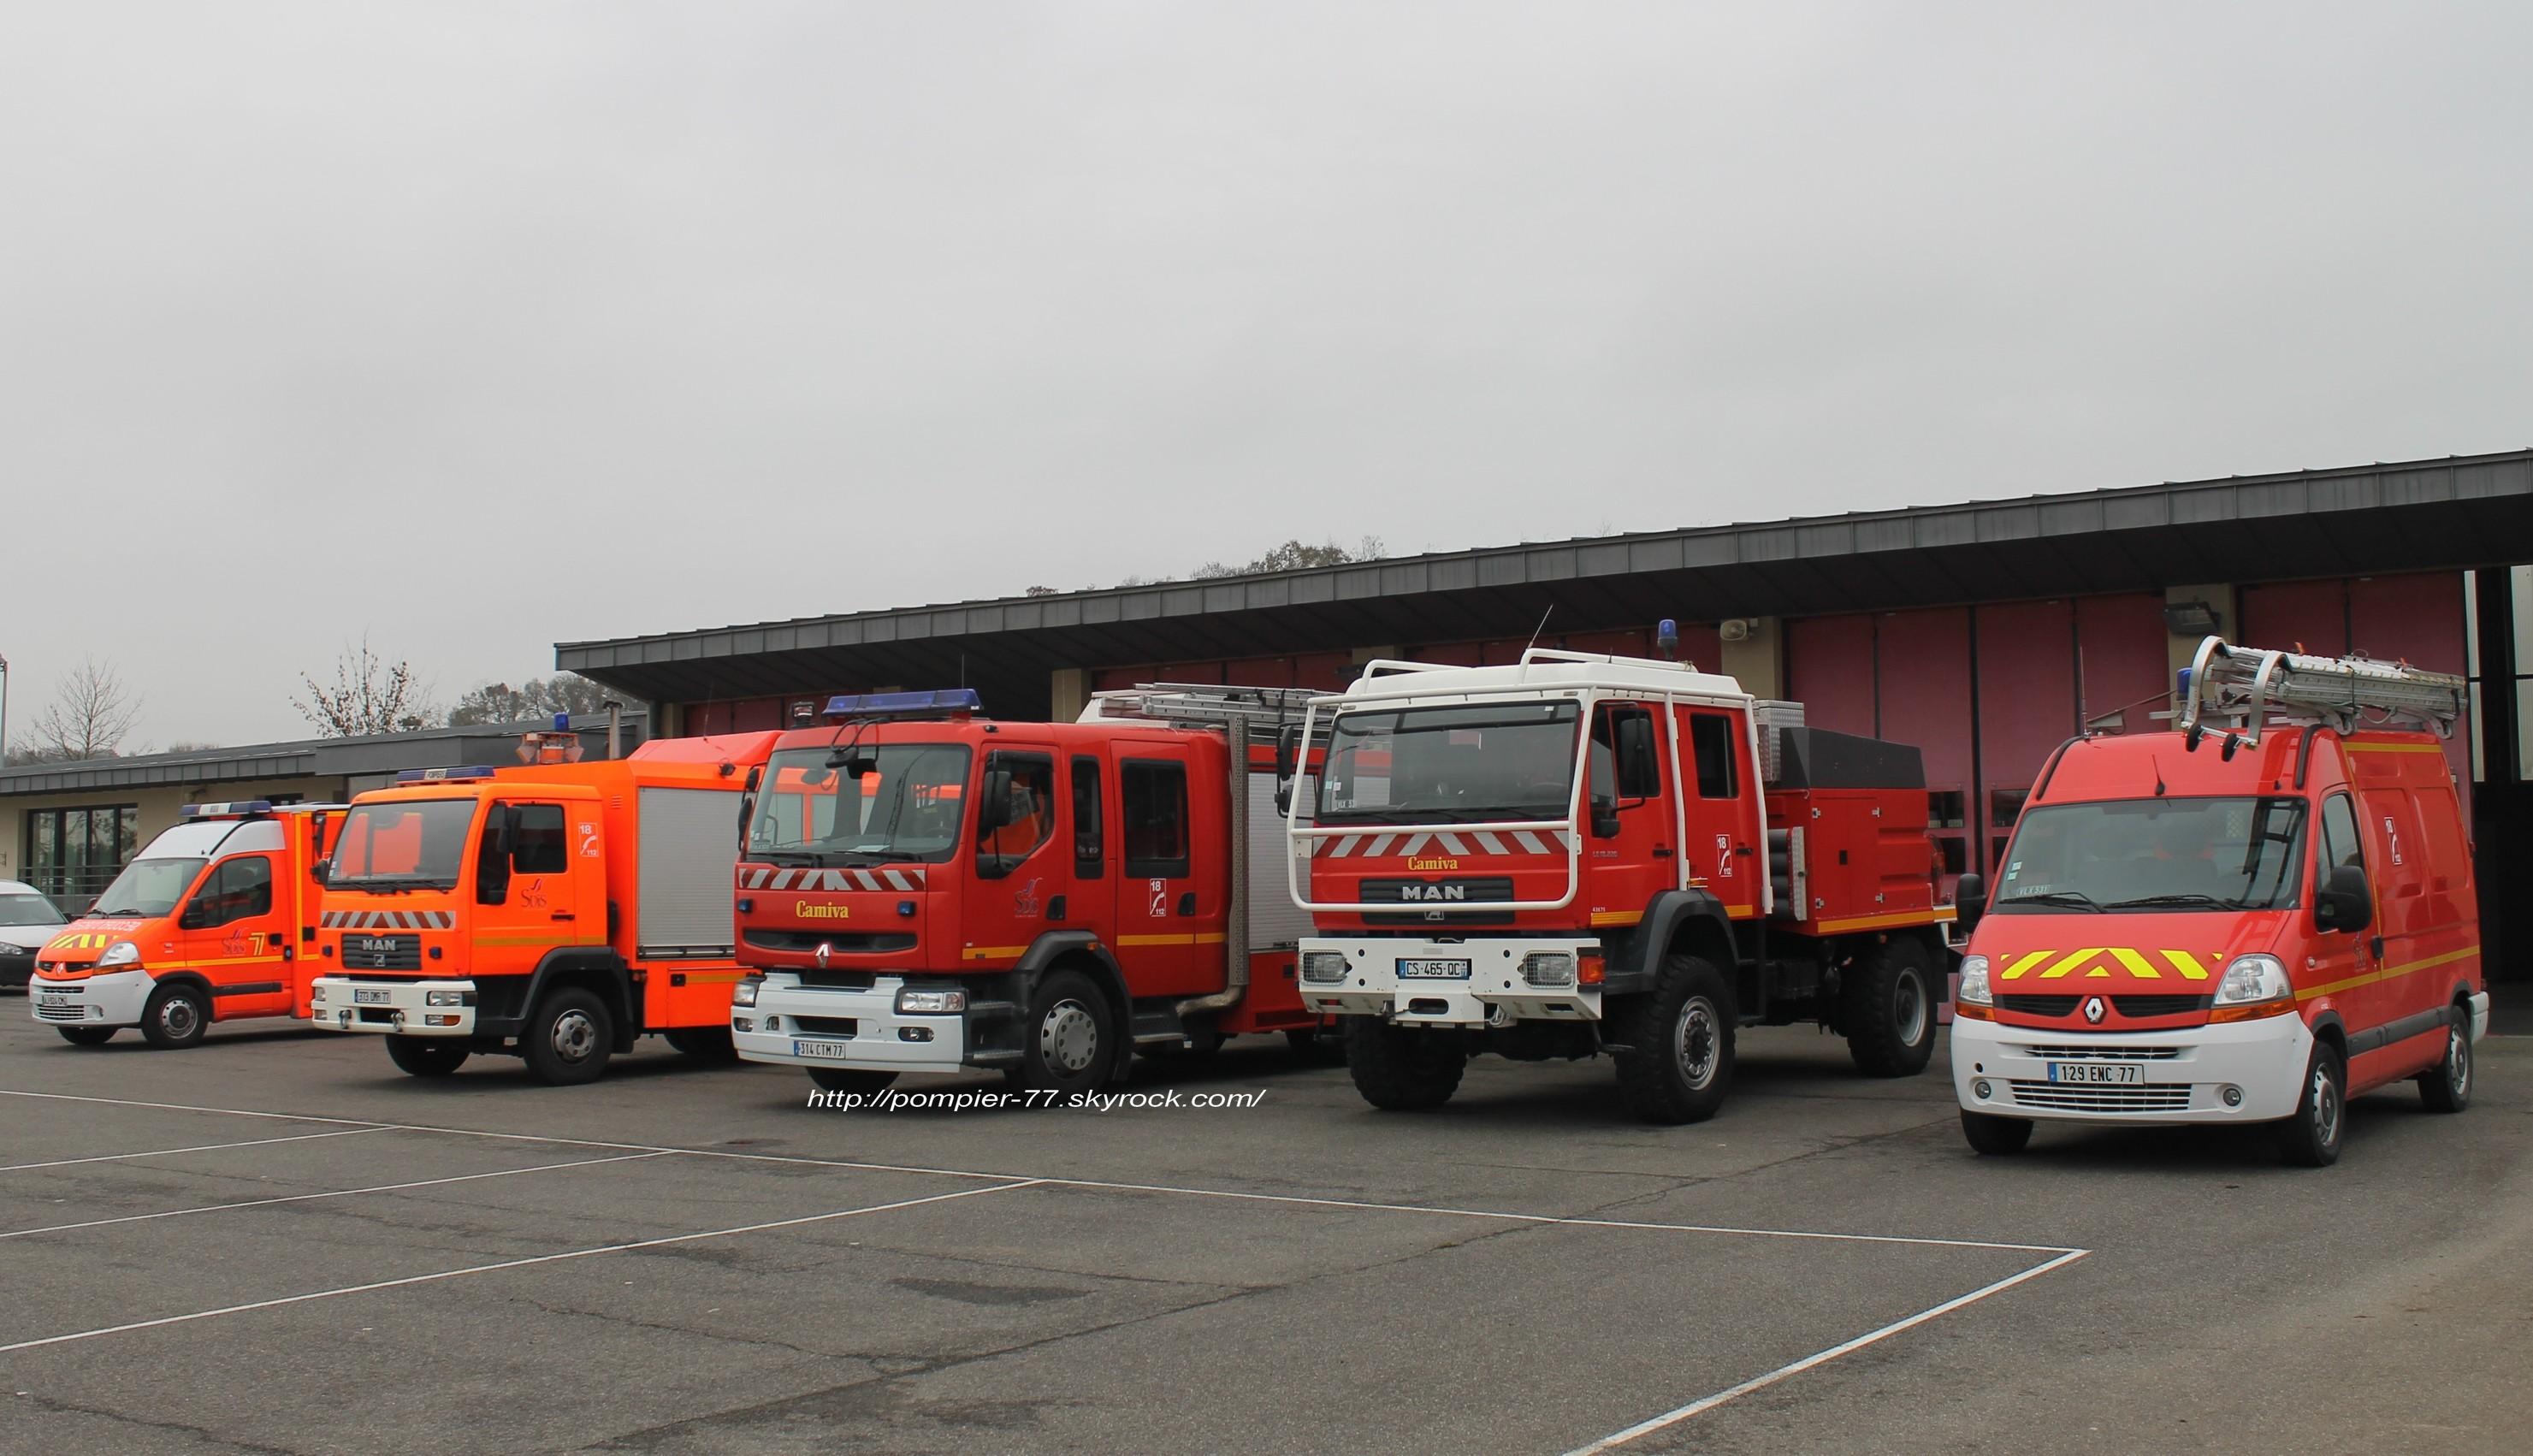 v u00e9hicules des pompiers fran u00e7ais - page 1665